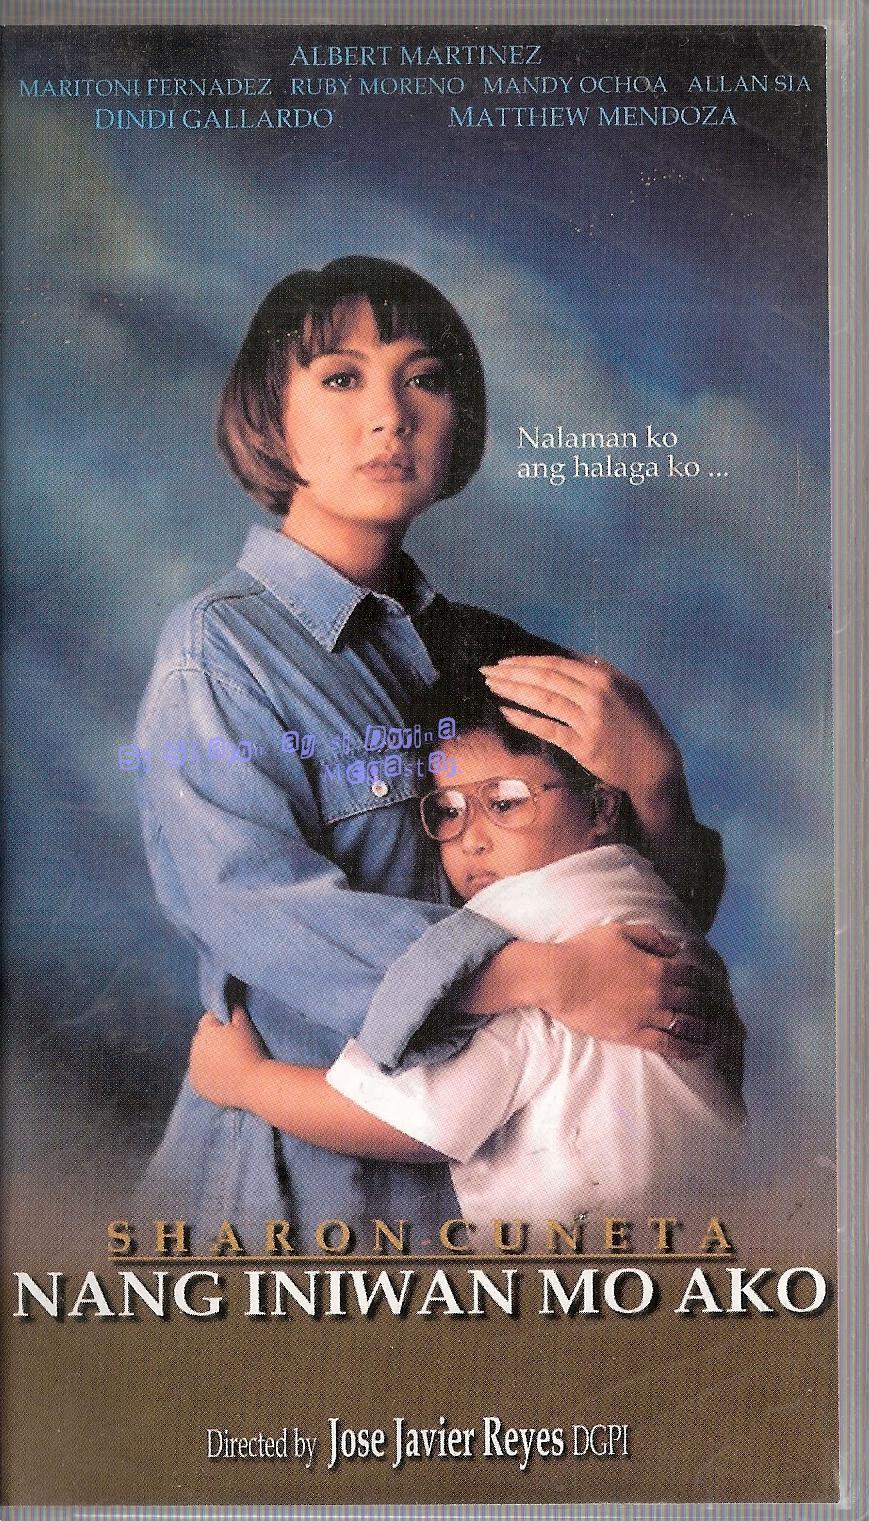 Pagdating ng panahon movie 1998 vhs